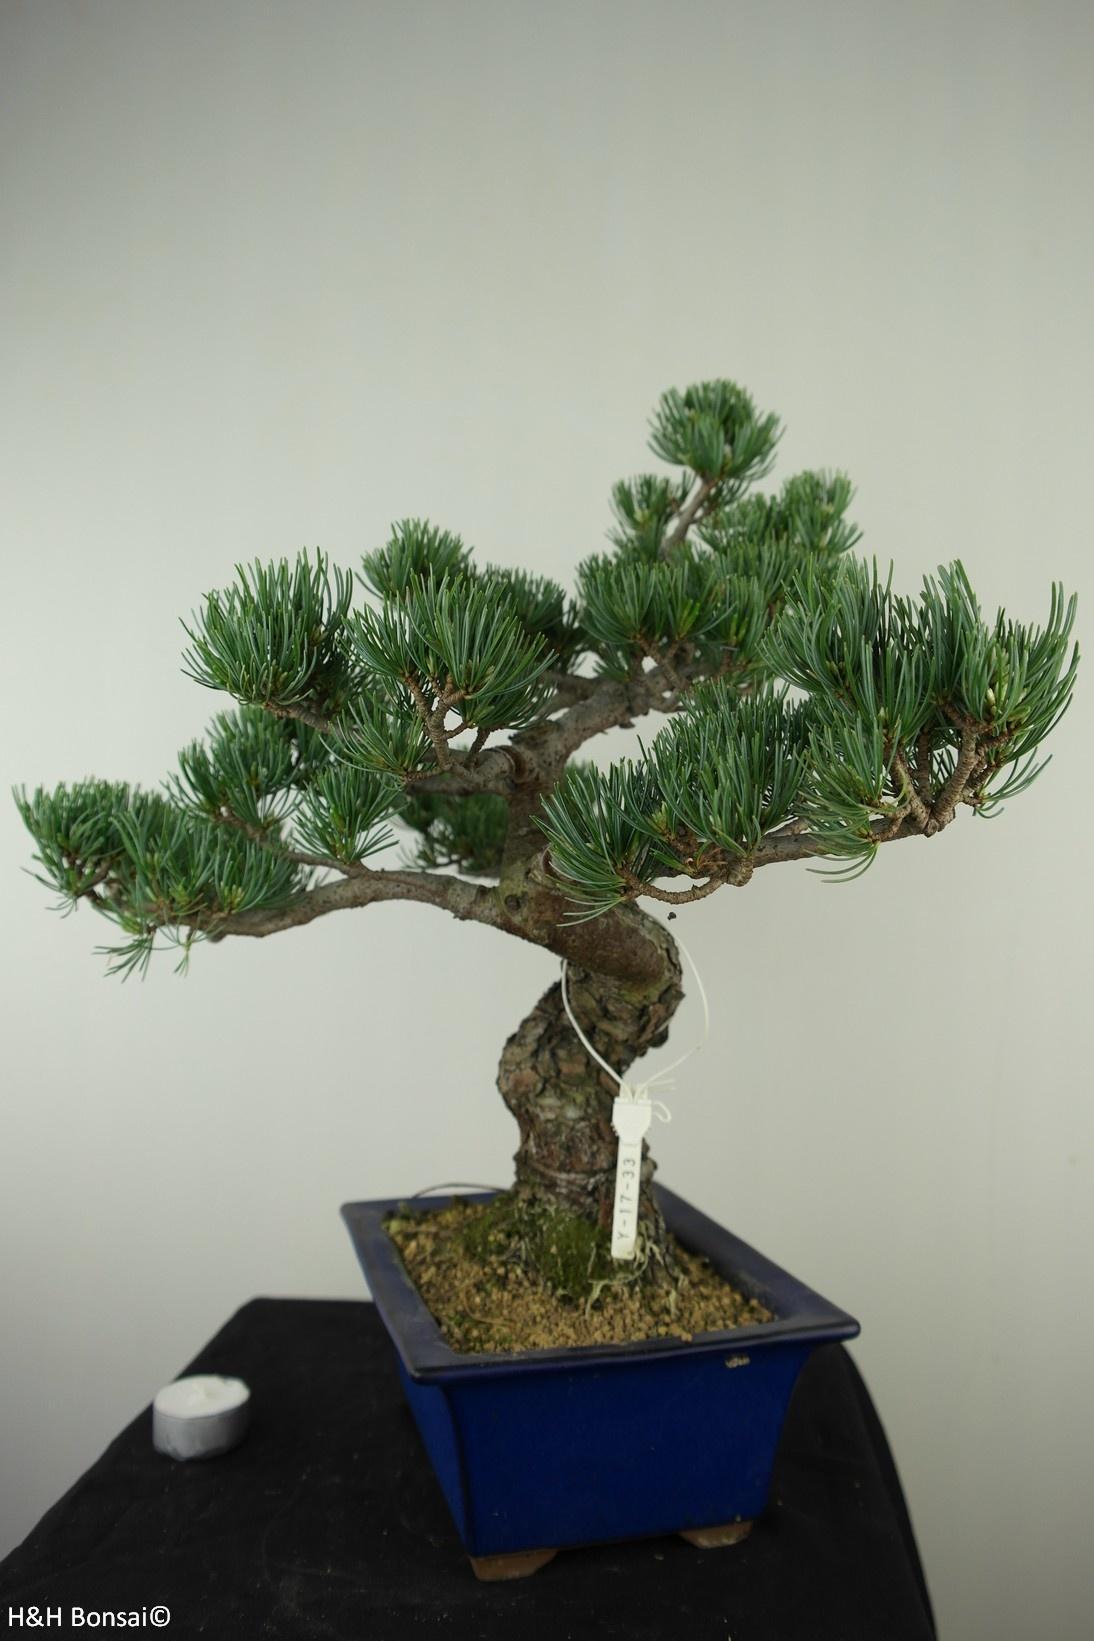 Bonsai Japanese White Pine, Pinus pentaphylla, no. 7803